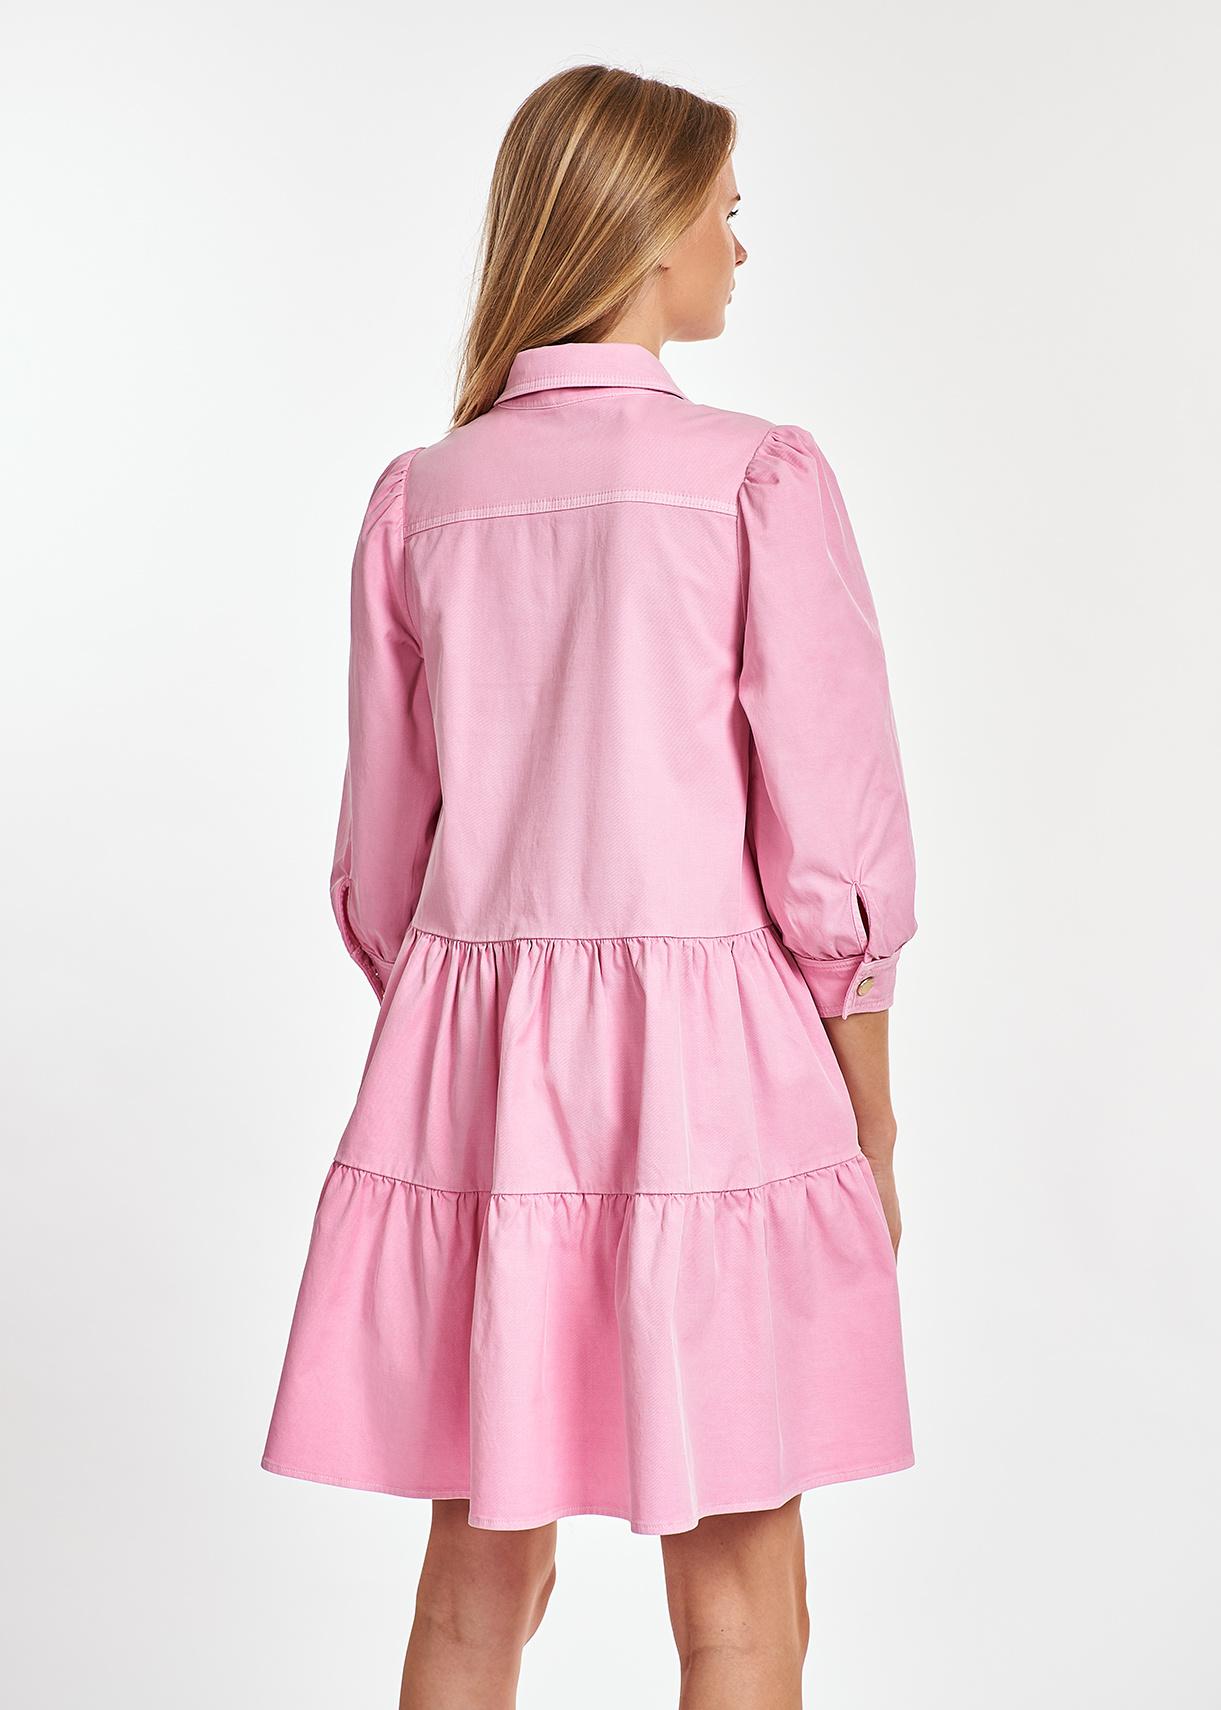 ZUNIYI robe-5